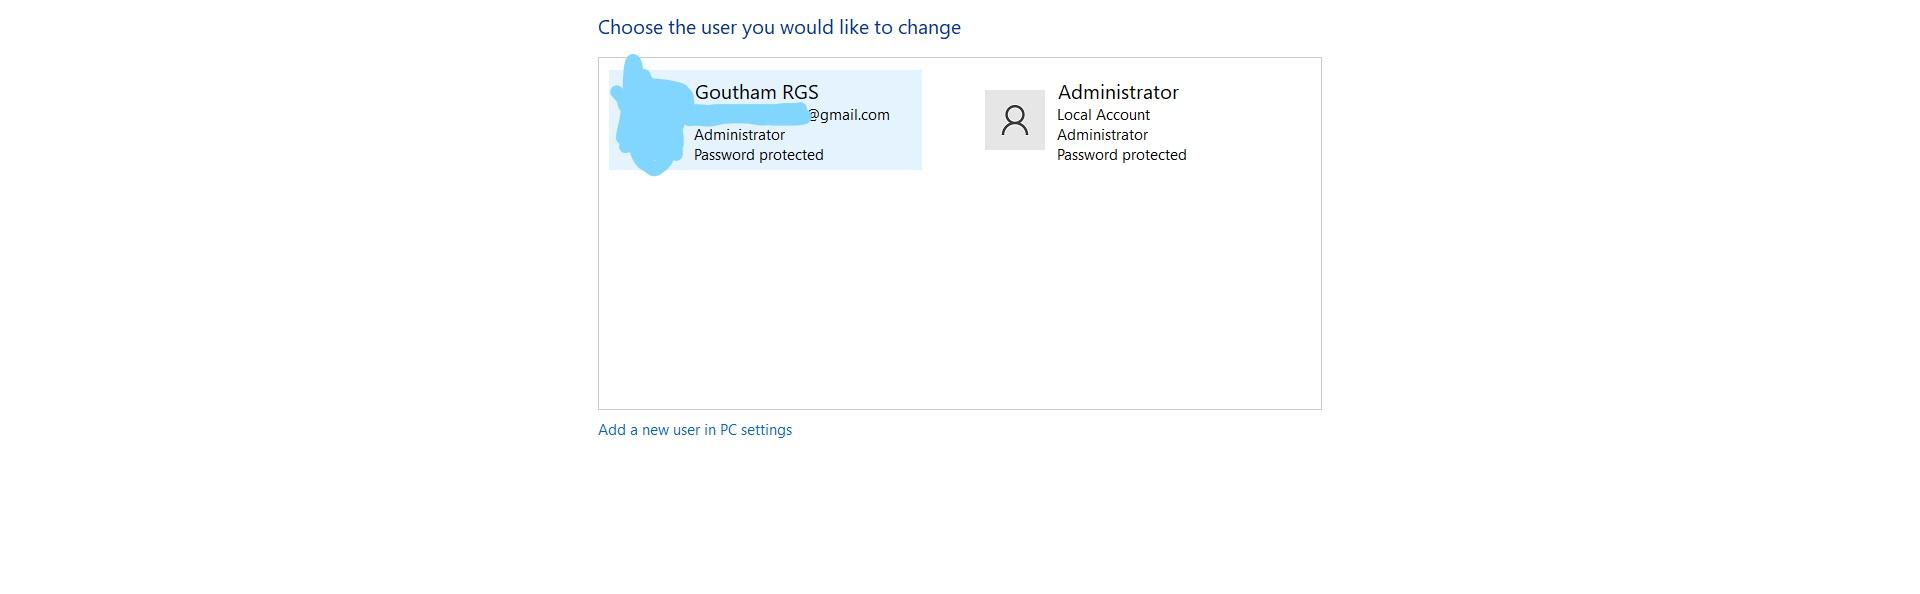 User Accounts and settings 532447b5-78ba-43c6-a065-e8437e4f6b9c?upload=true.jpg